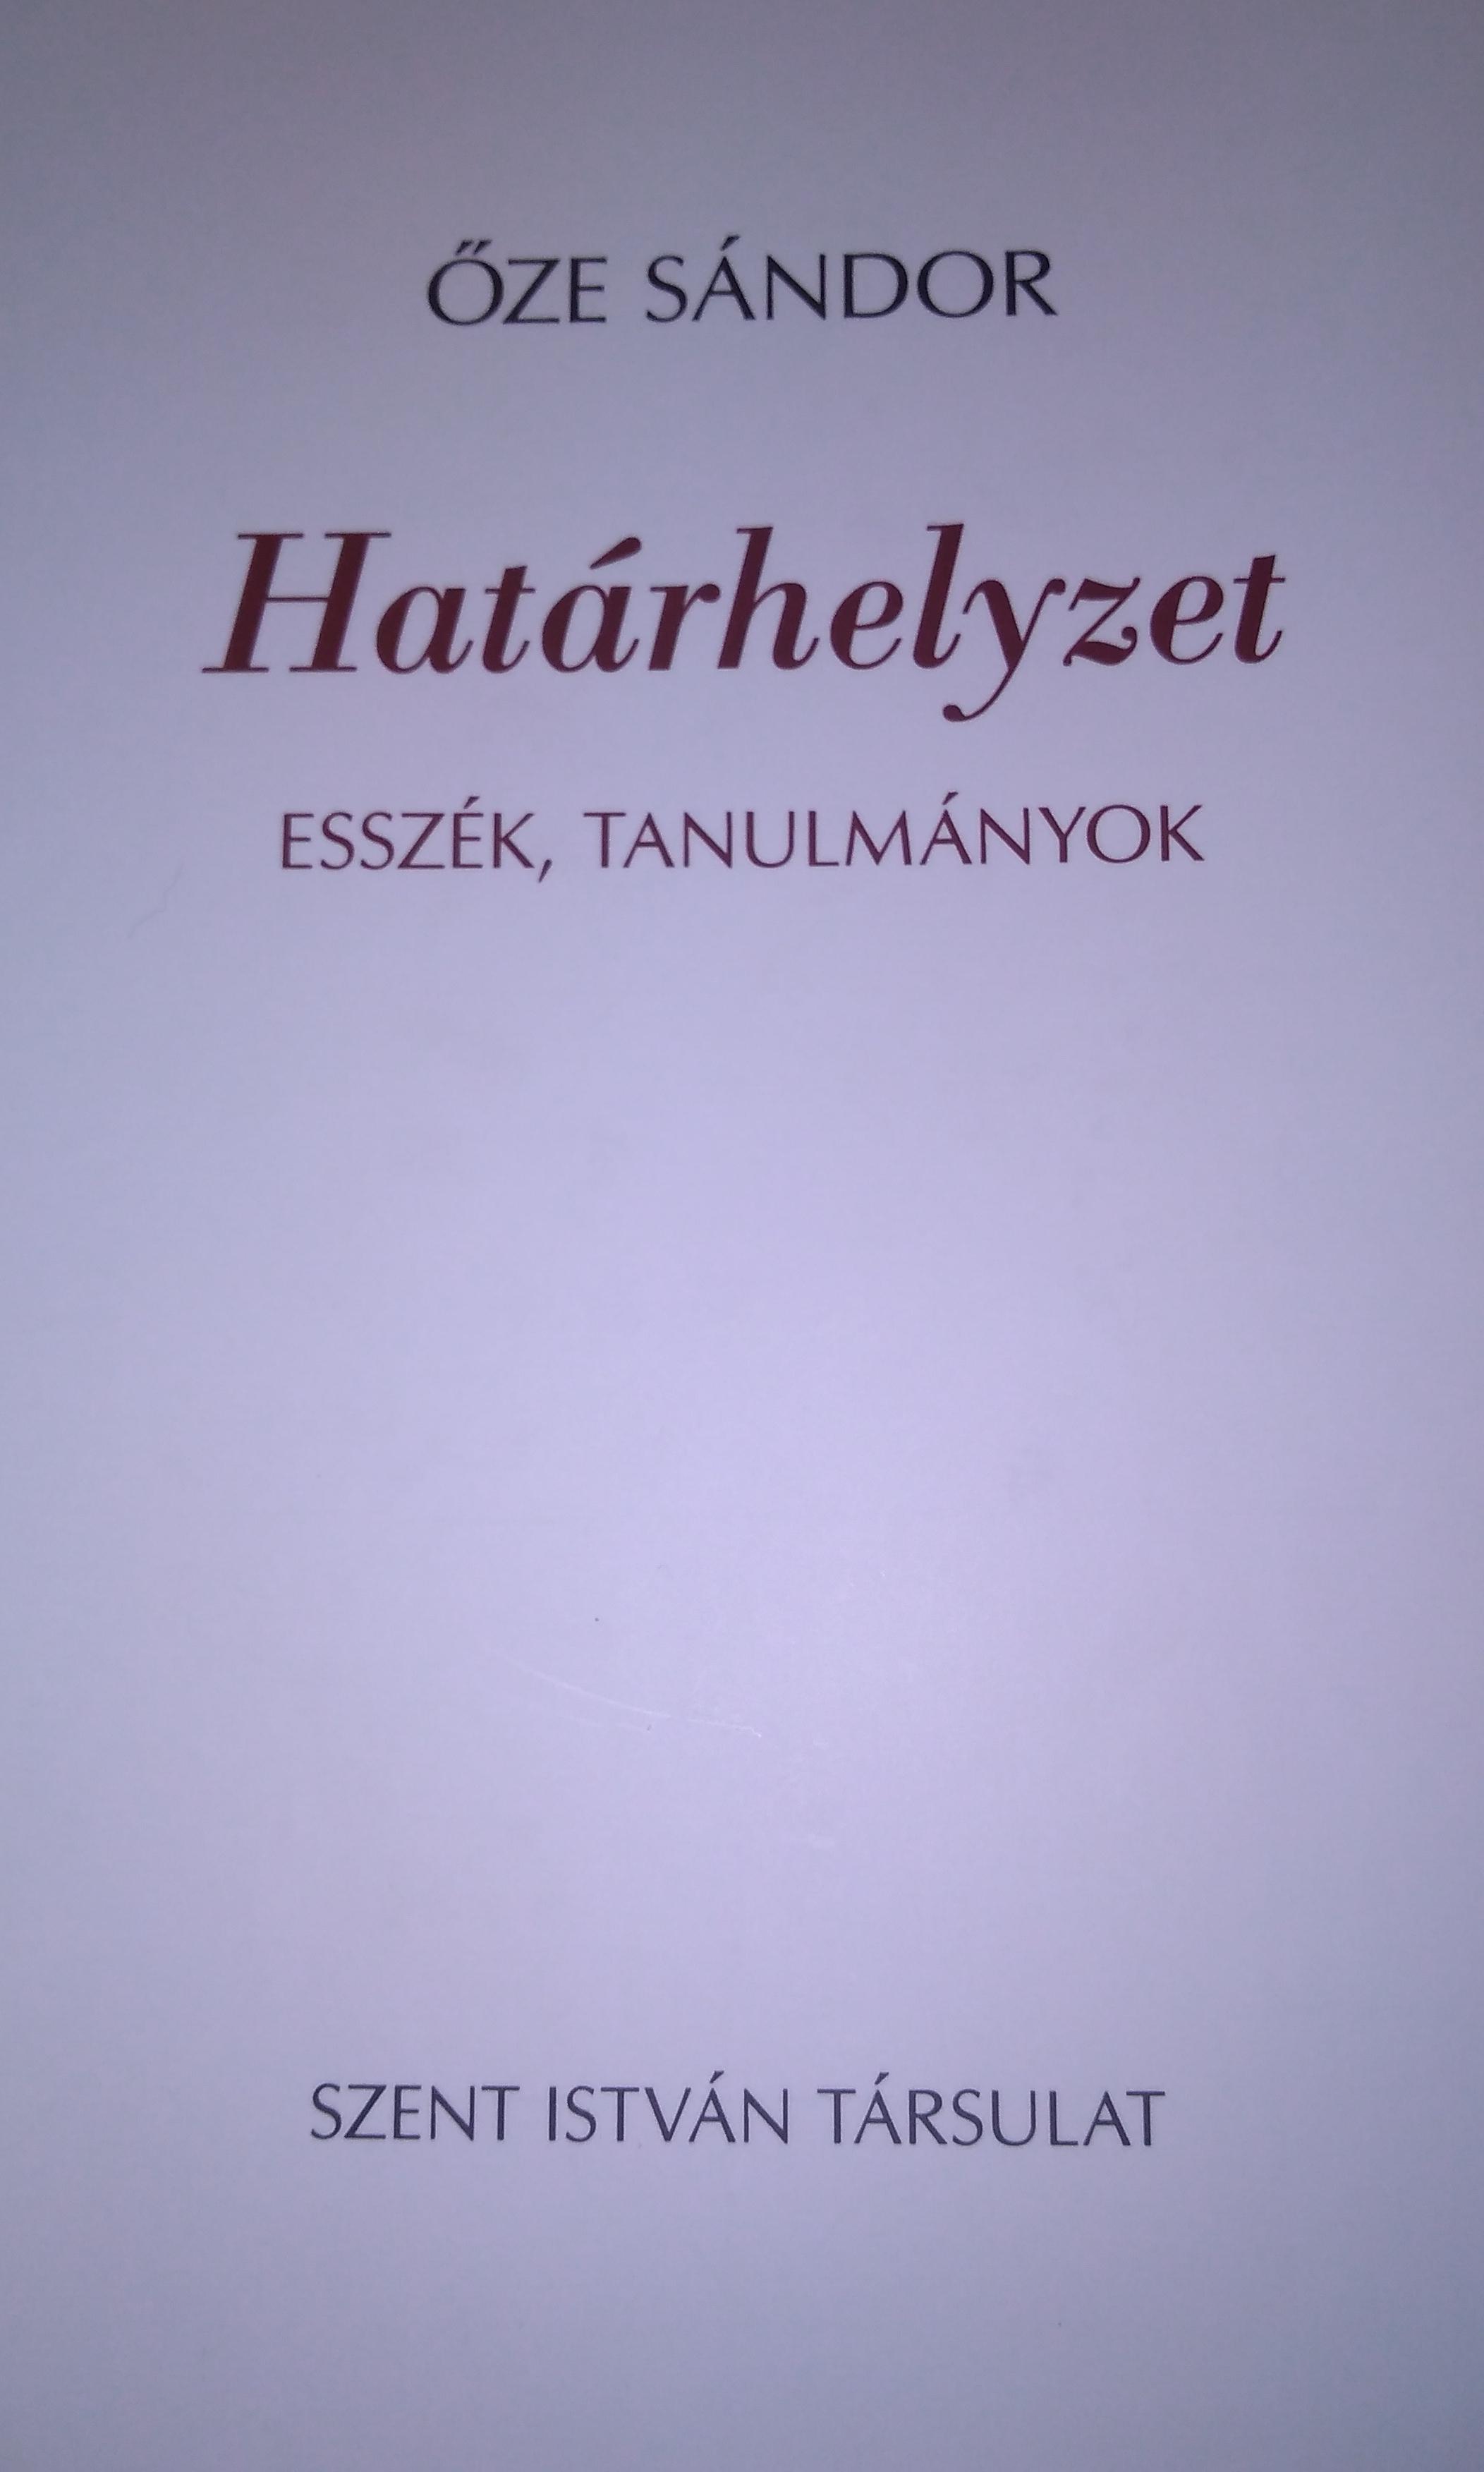 Őze Sándor: Határhelyzet – Esszék, tanulmányok. Szent István Társulat, Budapest, 2020.